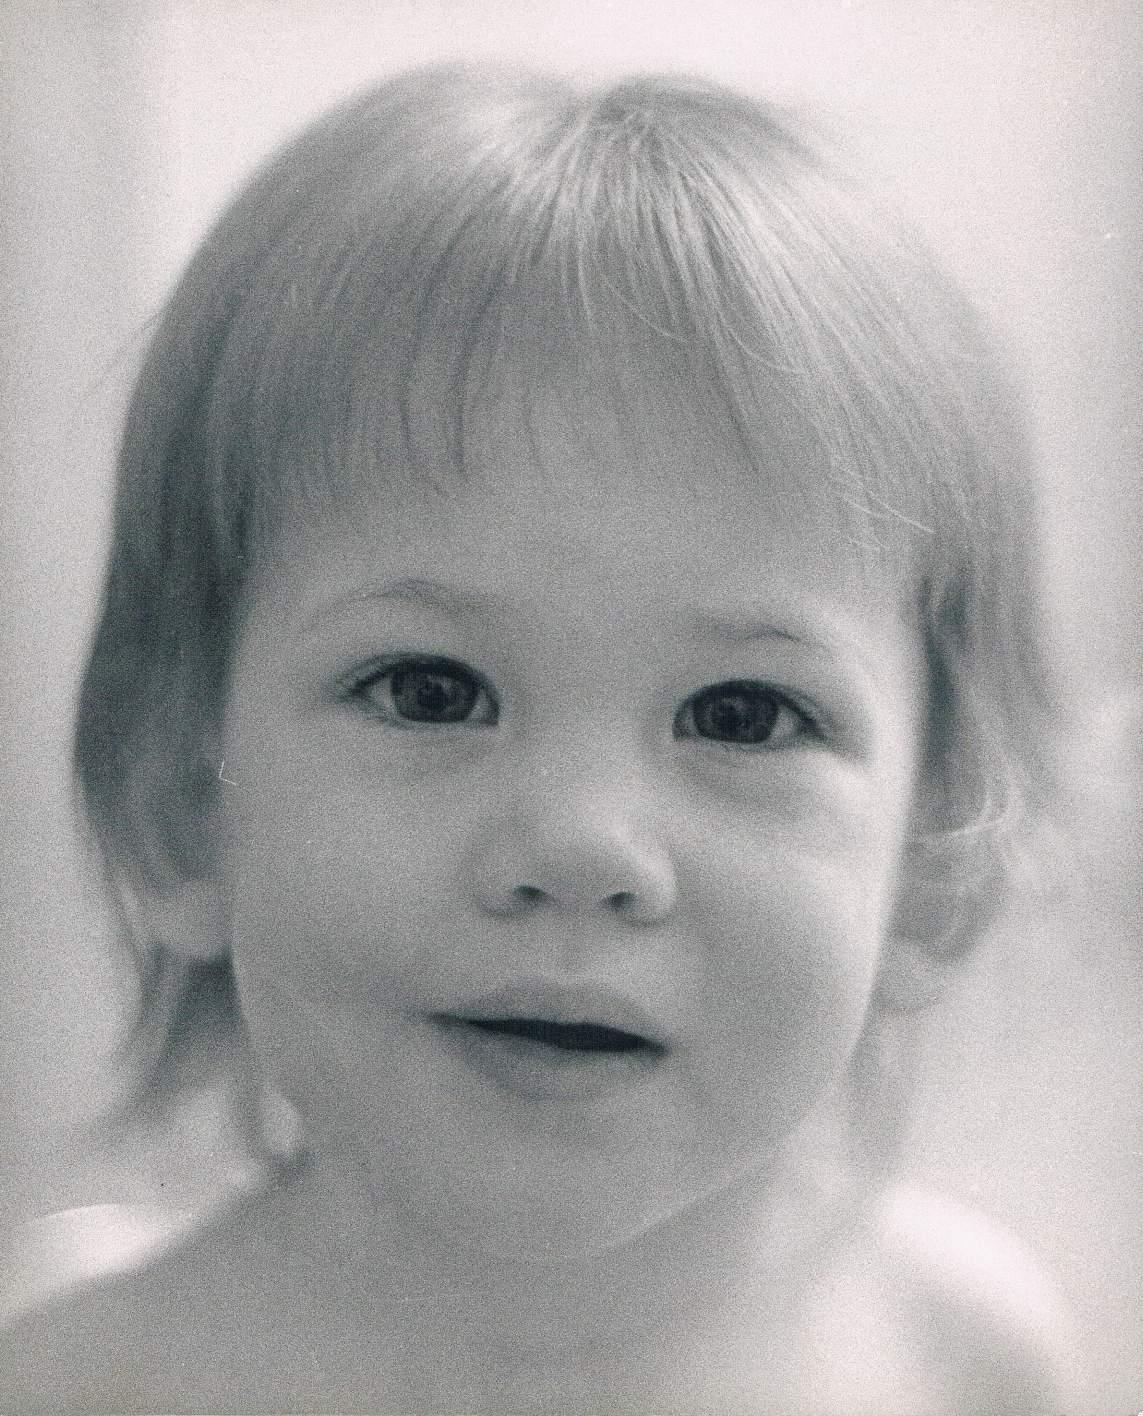 '79 baby